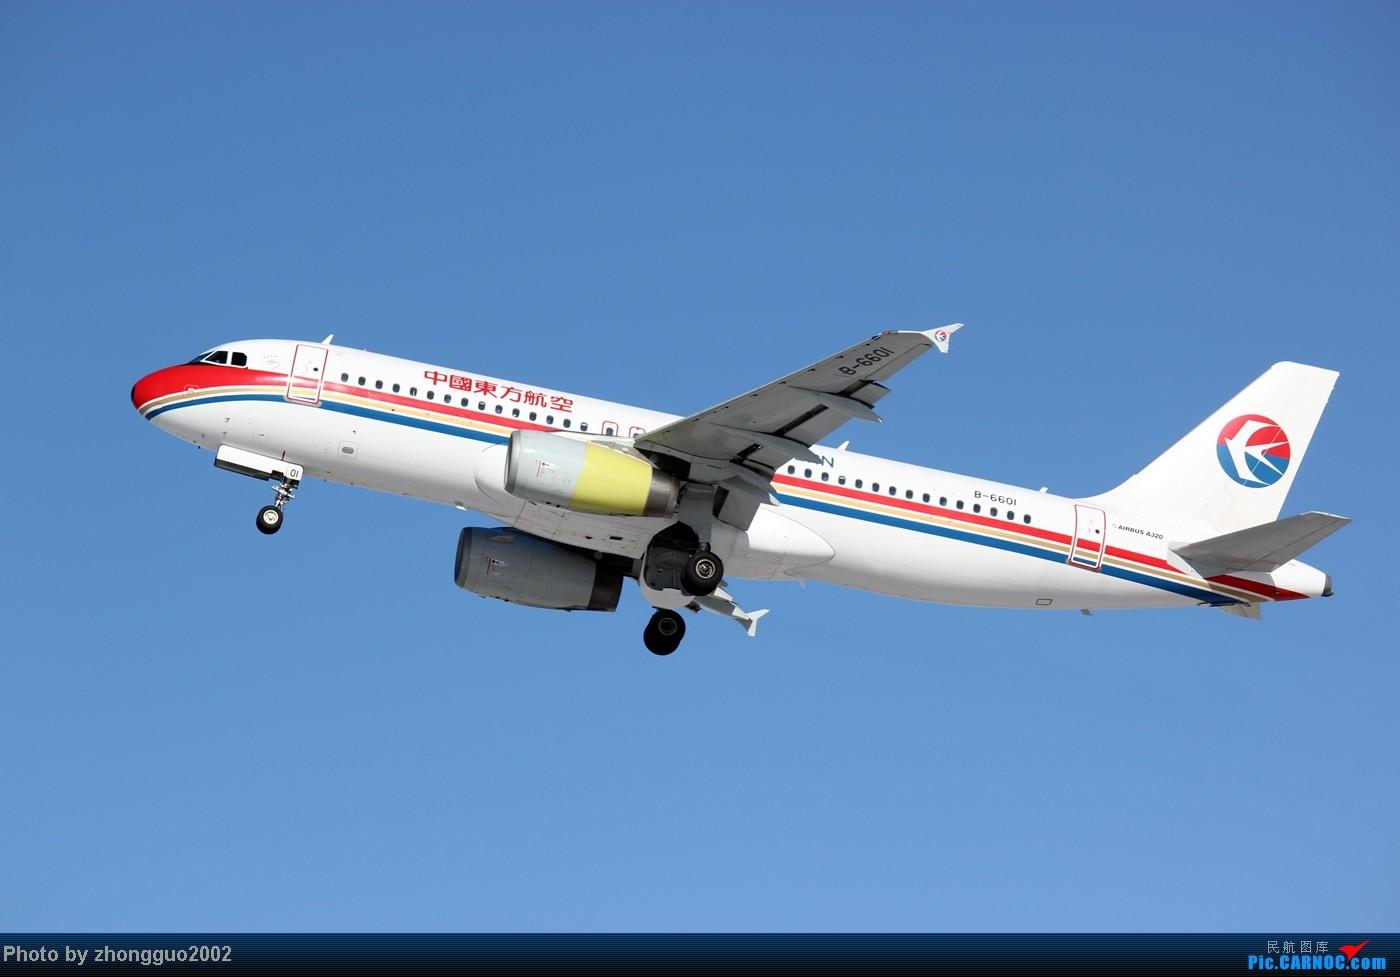 Re:[原创]灰鼻子的春哥第一次拍到,还有其他灰机。 AIRBUS A320-200 B-6610 中国呼和浩特白塔国际机场